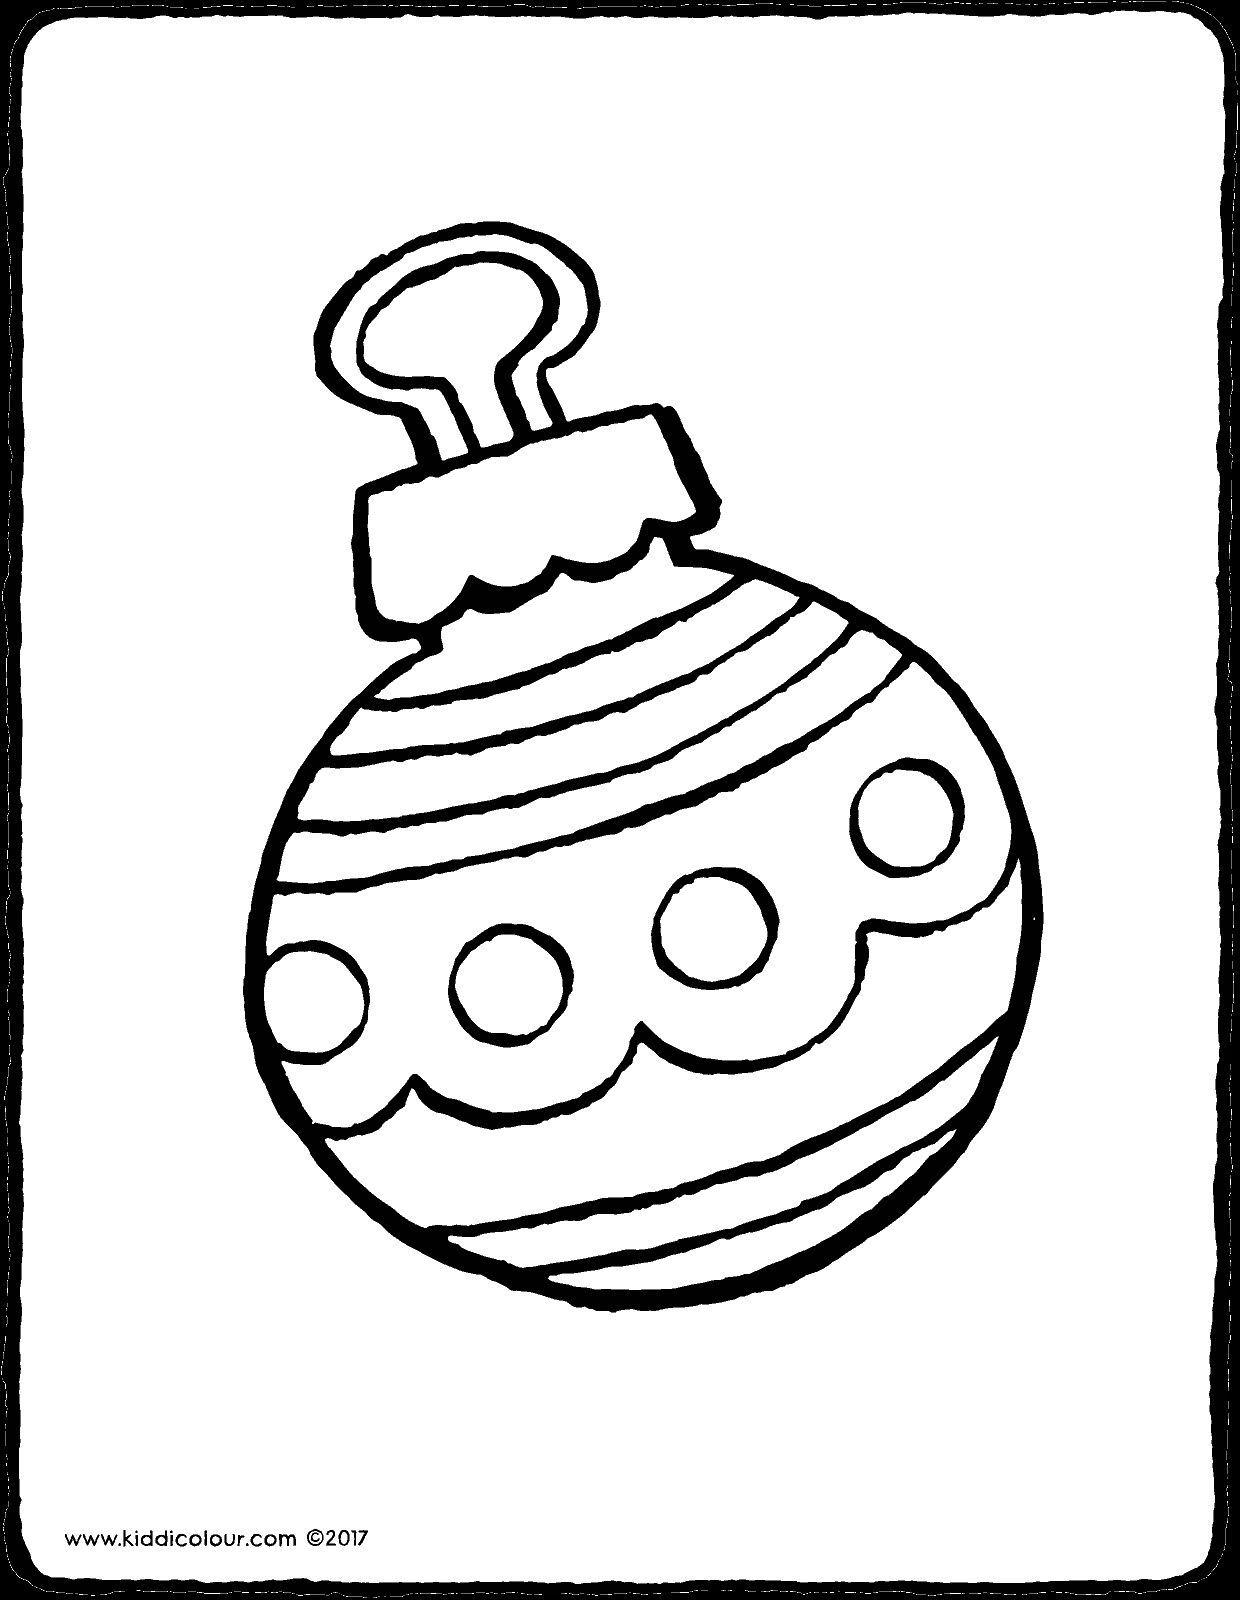 christbaumkugel weihnachtskugeln malvorlage  catherine